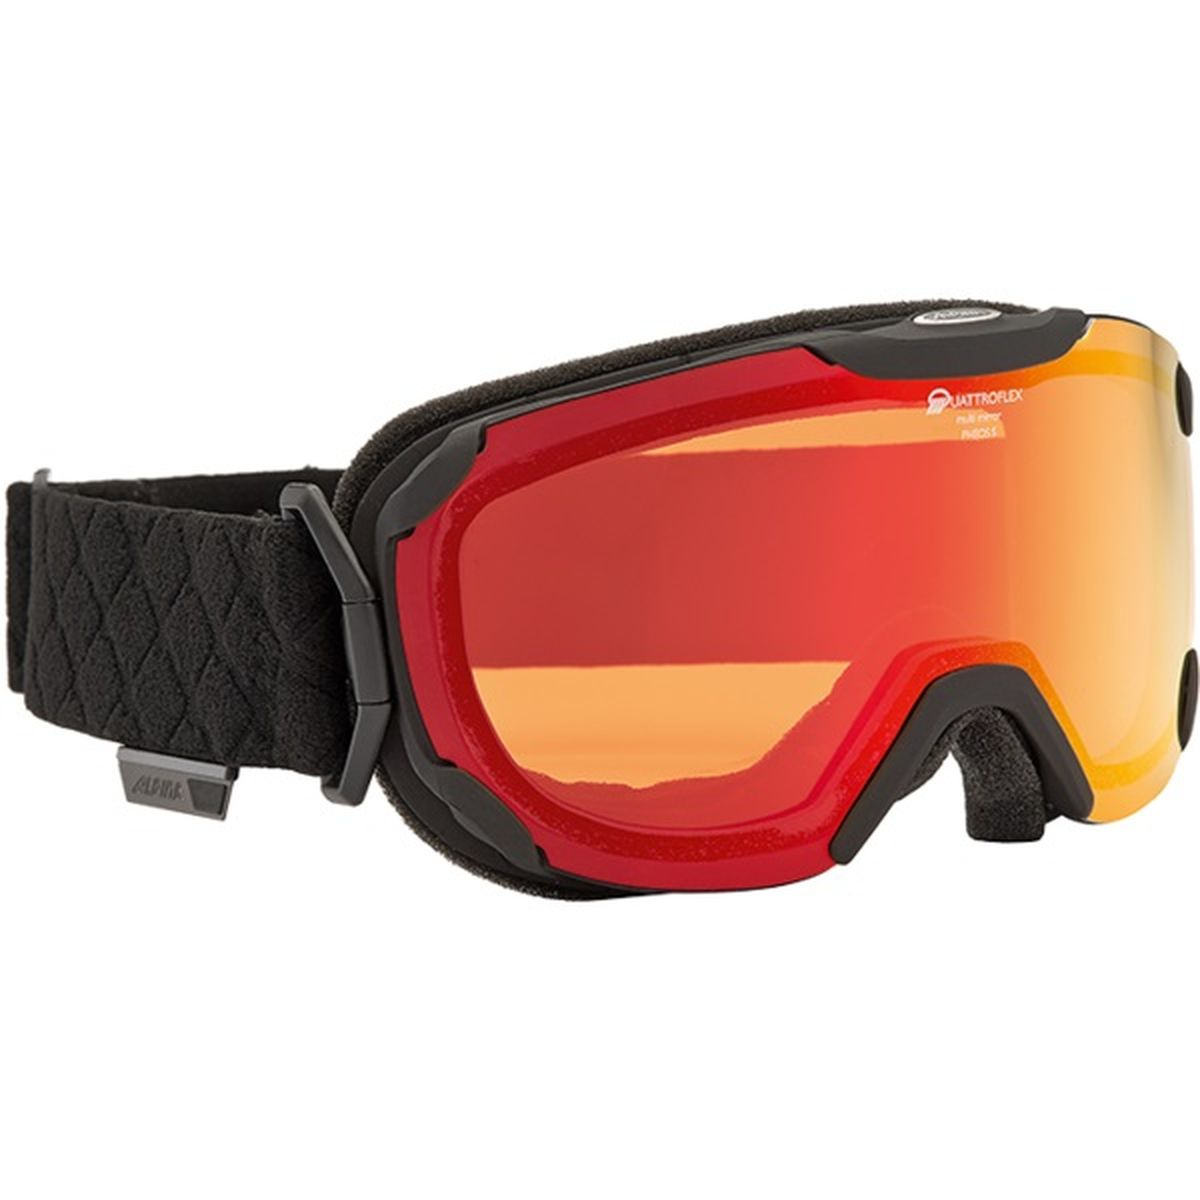 Очки горнолыжные Alpina Pheos S, цвет: черный, красный7243_31Уменьшенная версия модели Pheos. Pheos S - это комфортная горнолыжная маска с широким углом обзора выполненная в стильном и функциональном без-оправном дизайне. ДВ маске используется поляризованная двойная линза Quattroflex со стильным зеркальным покрытием Multi Mirrow (MM), которая эффективно приглушает блики отражённого света и защищает глаза от интенсивного освещения. Всё это делает восприятие склона более контрастным и детальным, что позволяет райдеру точнее выбирать линию спуска и быстрее реагировать на возникающие препятствия. Фильтр категории S2 рассчитан на катание в условиях переменной облачности и неяркого солнца.Особенности:• 100% защита от УФ А-В-С до 400 нм• Без-оправный дизайн маски позволил радикально расширить поле зрения райдера без значительного увеличения размеров линзы• Гибкая и комфортная оправа плотно и равномерно прилегает к лицу• Шарнирные направляющие для ремешка позволяют надёжно и комфортно зафиксировать маску на шлеме • Антифог покрытие снижает риск запотевания маски• На ремешок нанесены полоски из силикона, которые не дают ему скользить по шлему или шапке• По контуру оправы расположены вентиляционные порты